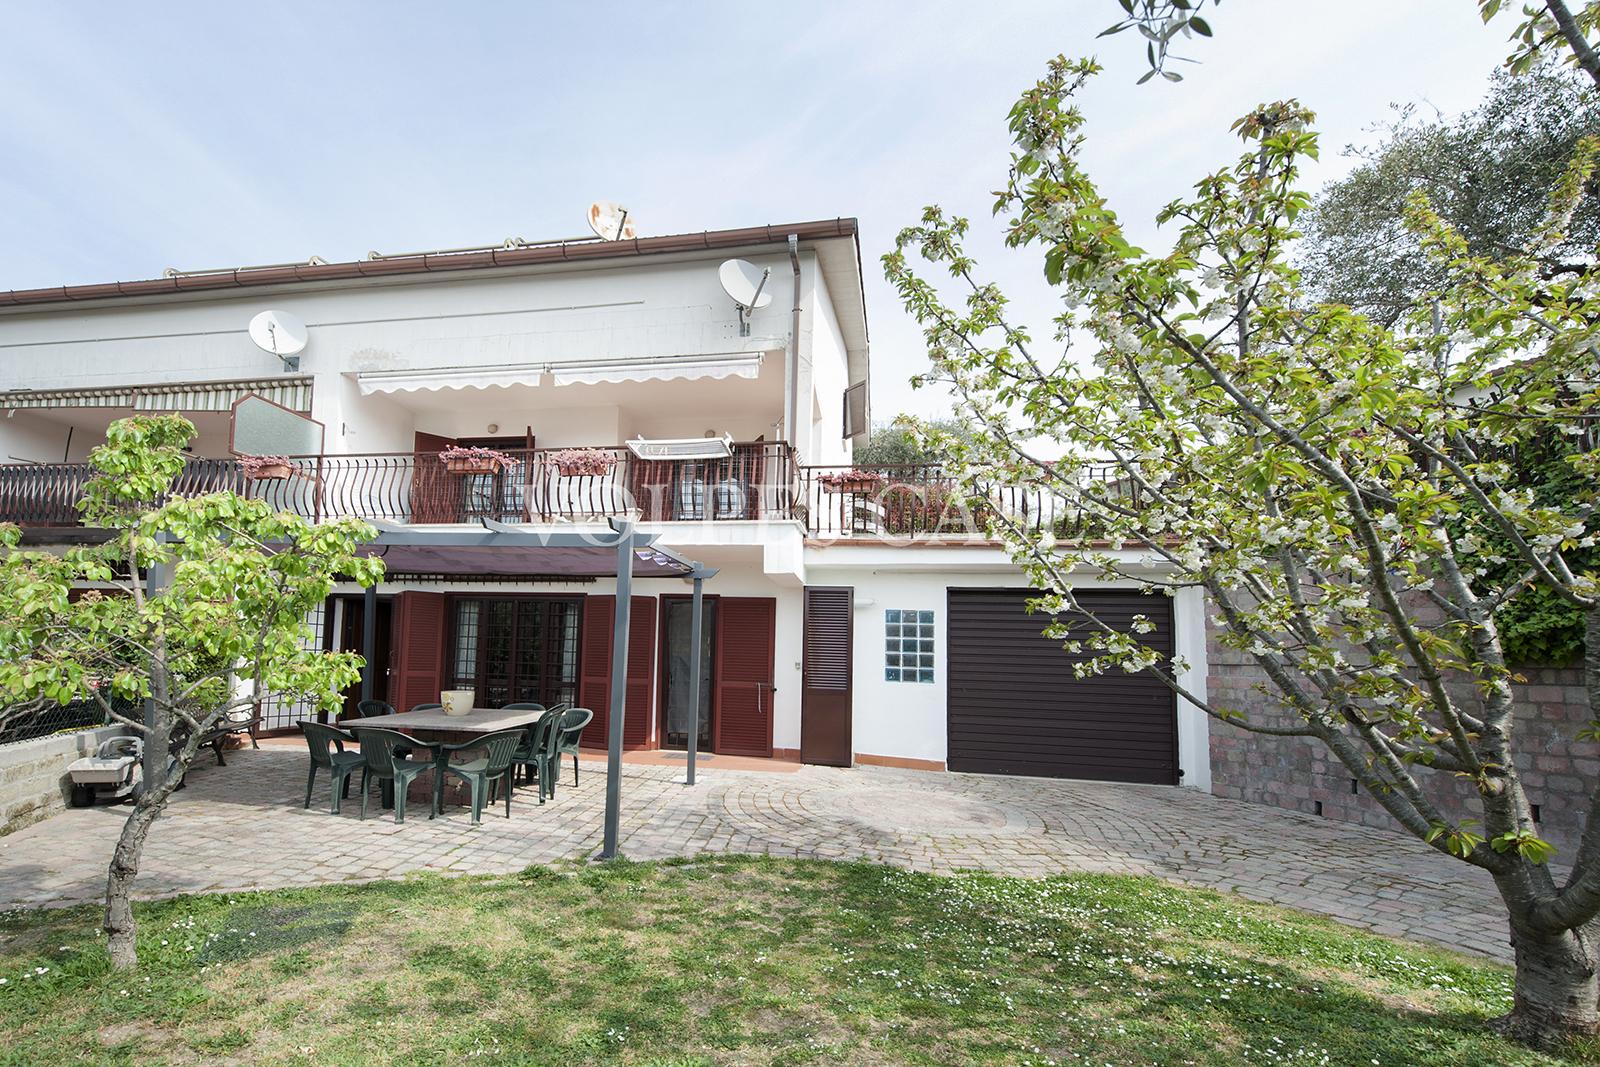 Villa in vendita a Castelnuovo di Porto, 6 locali, prezzo € 260.000 | CambioCasa.it